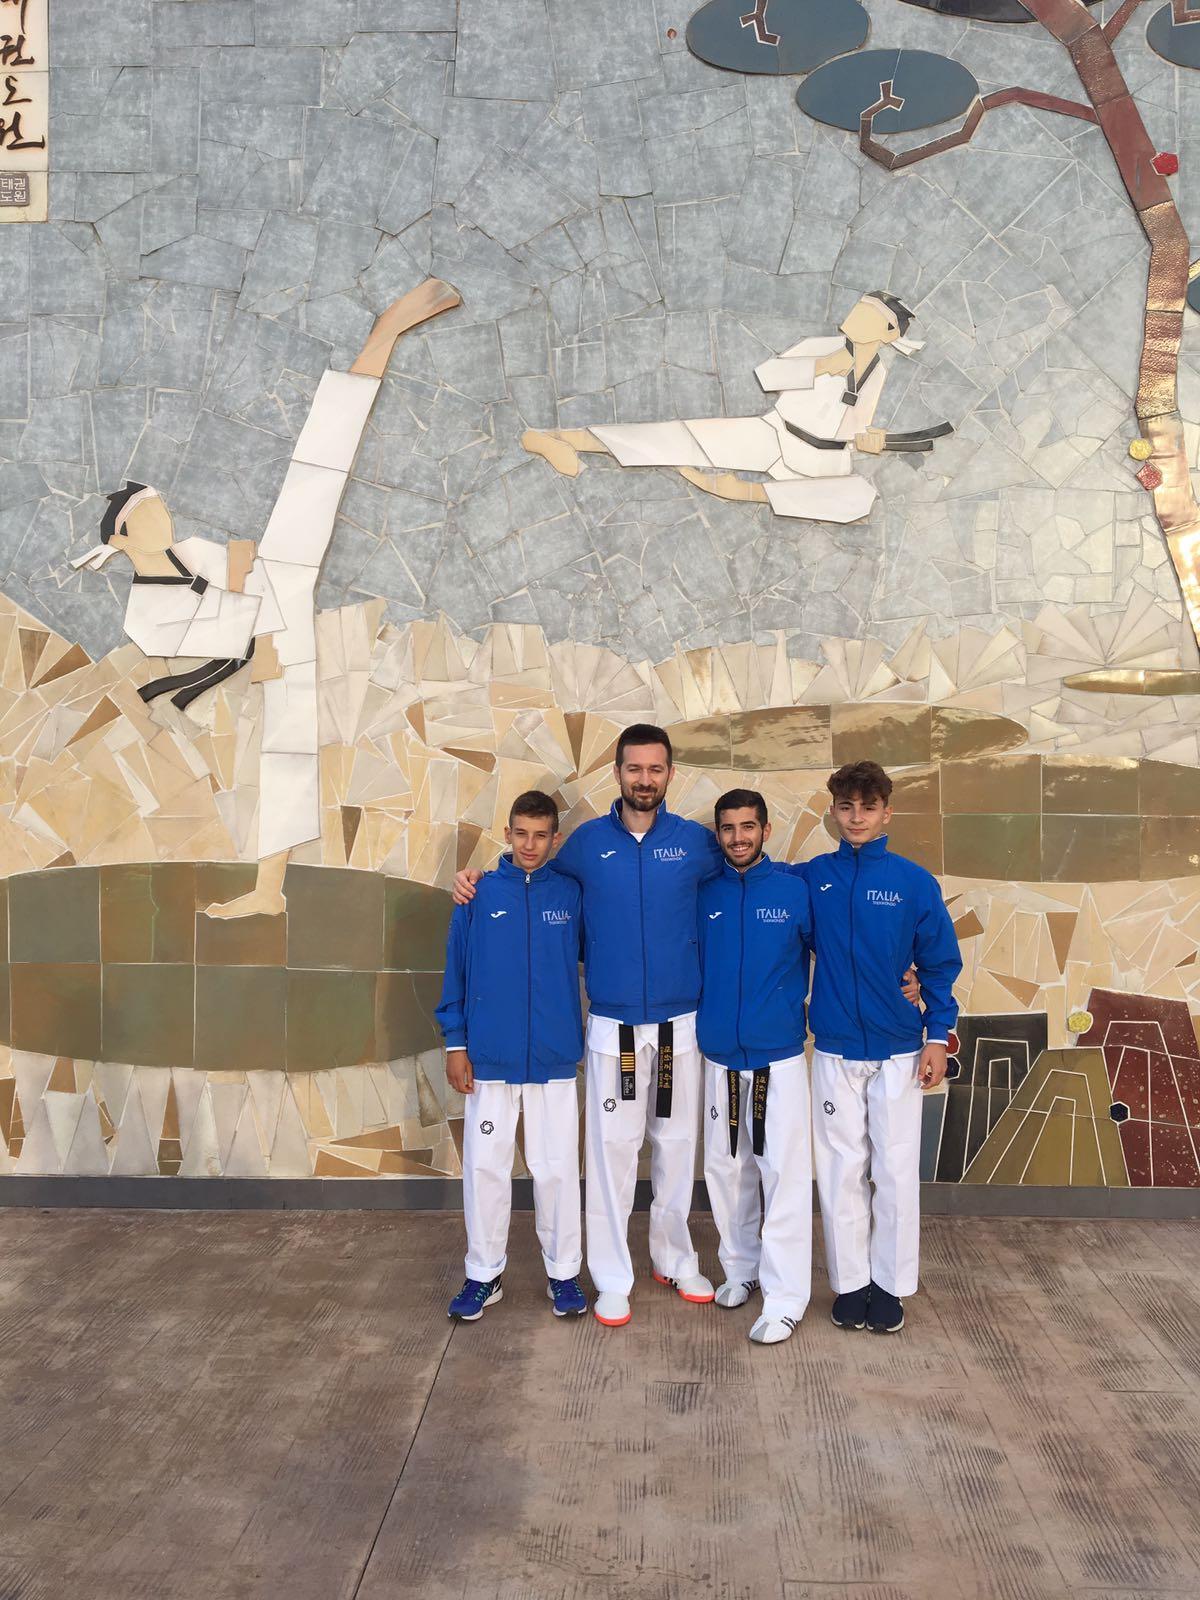 Inizia con il botto l'anno sportivo per Taekwondo Mansé viaggio inaspettato in Corea per Marco, Gabriele Giovanni e Vito.